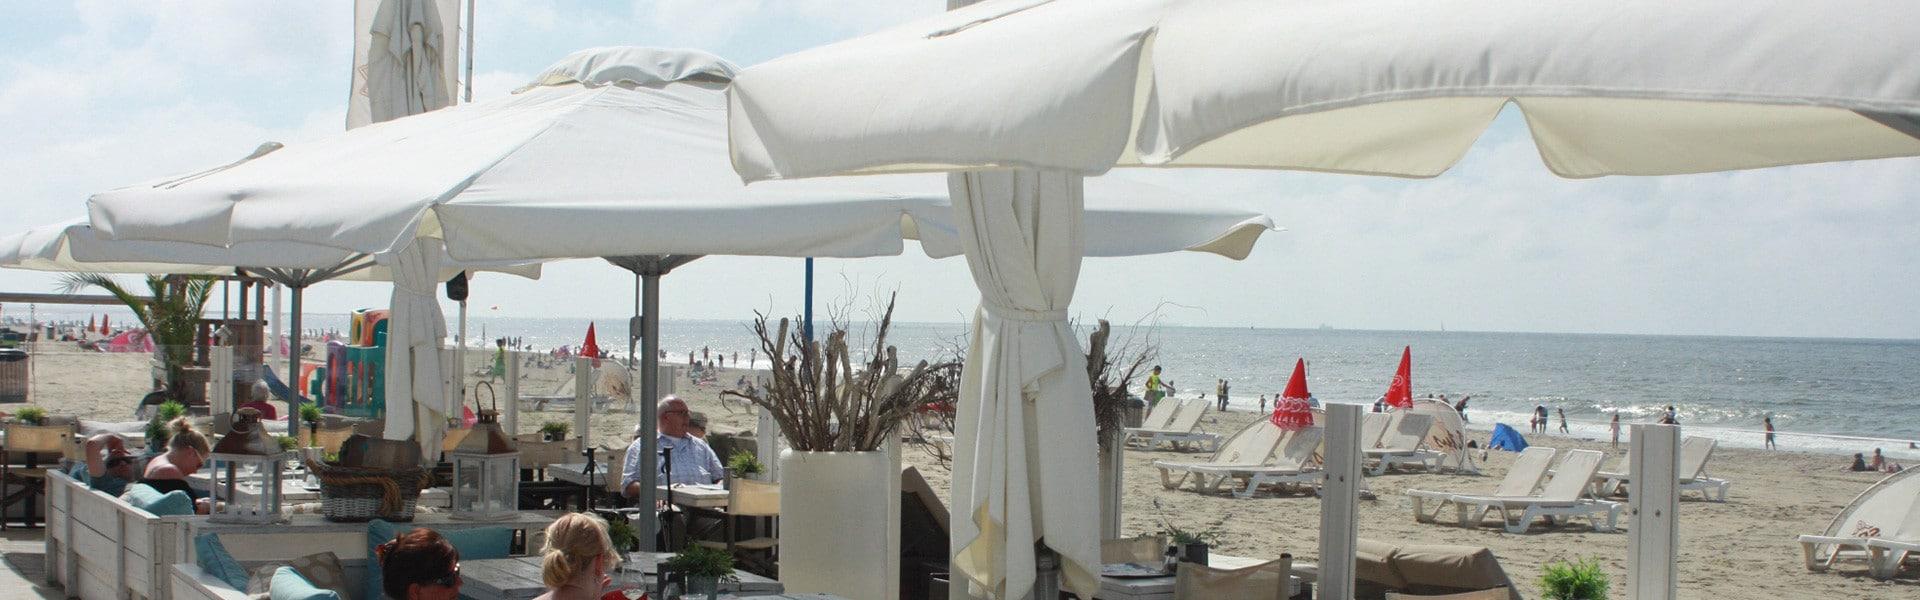 Bekijk onze parasols